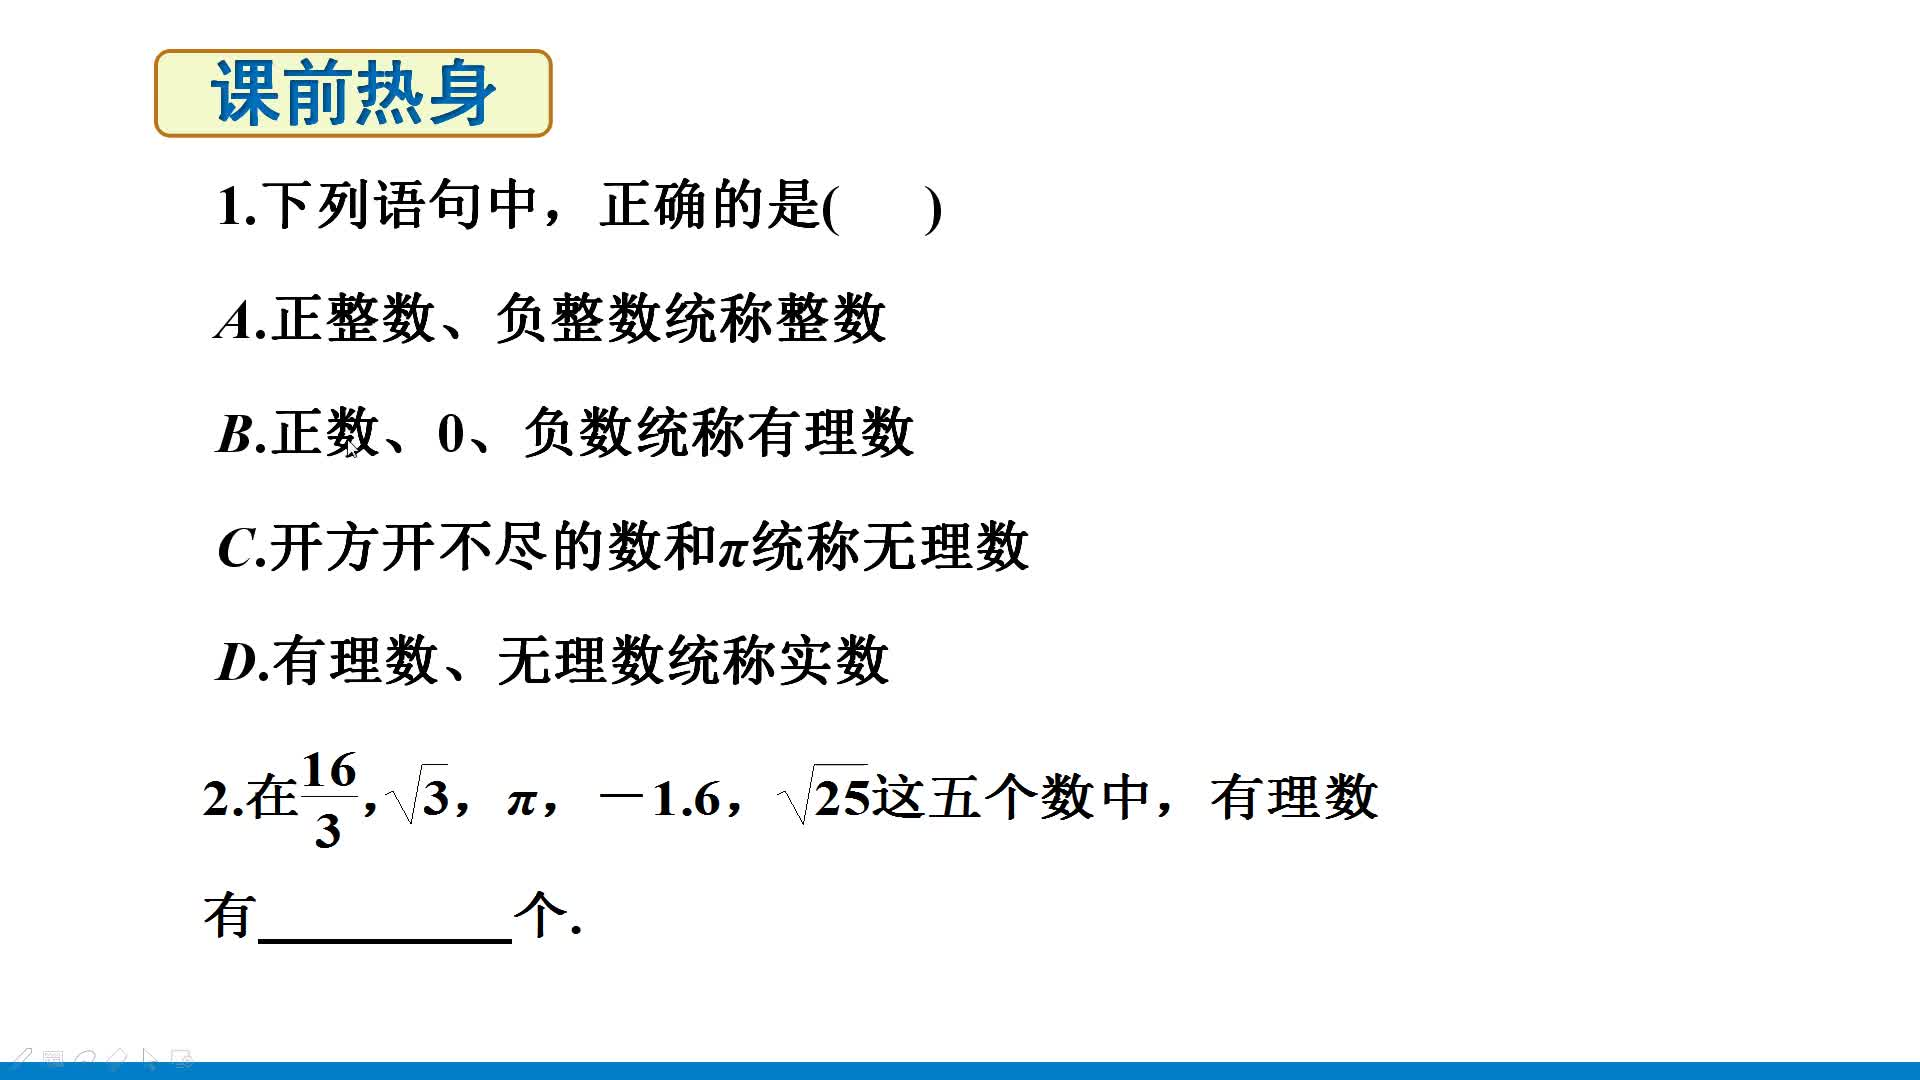 人教版初中数学中考专题复习《专题一数与式》第1节实数及其运算(2)真题演练 录播视频人教版初中数学中考专题复习《专题一数与式》第1节实数及其运算(2)真题演练 录播视频